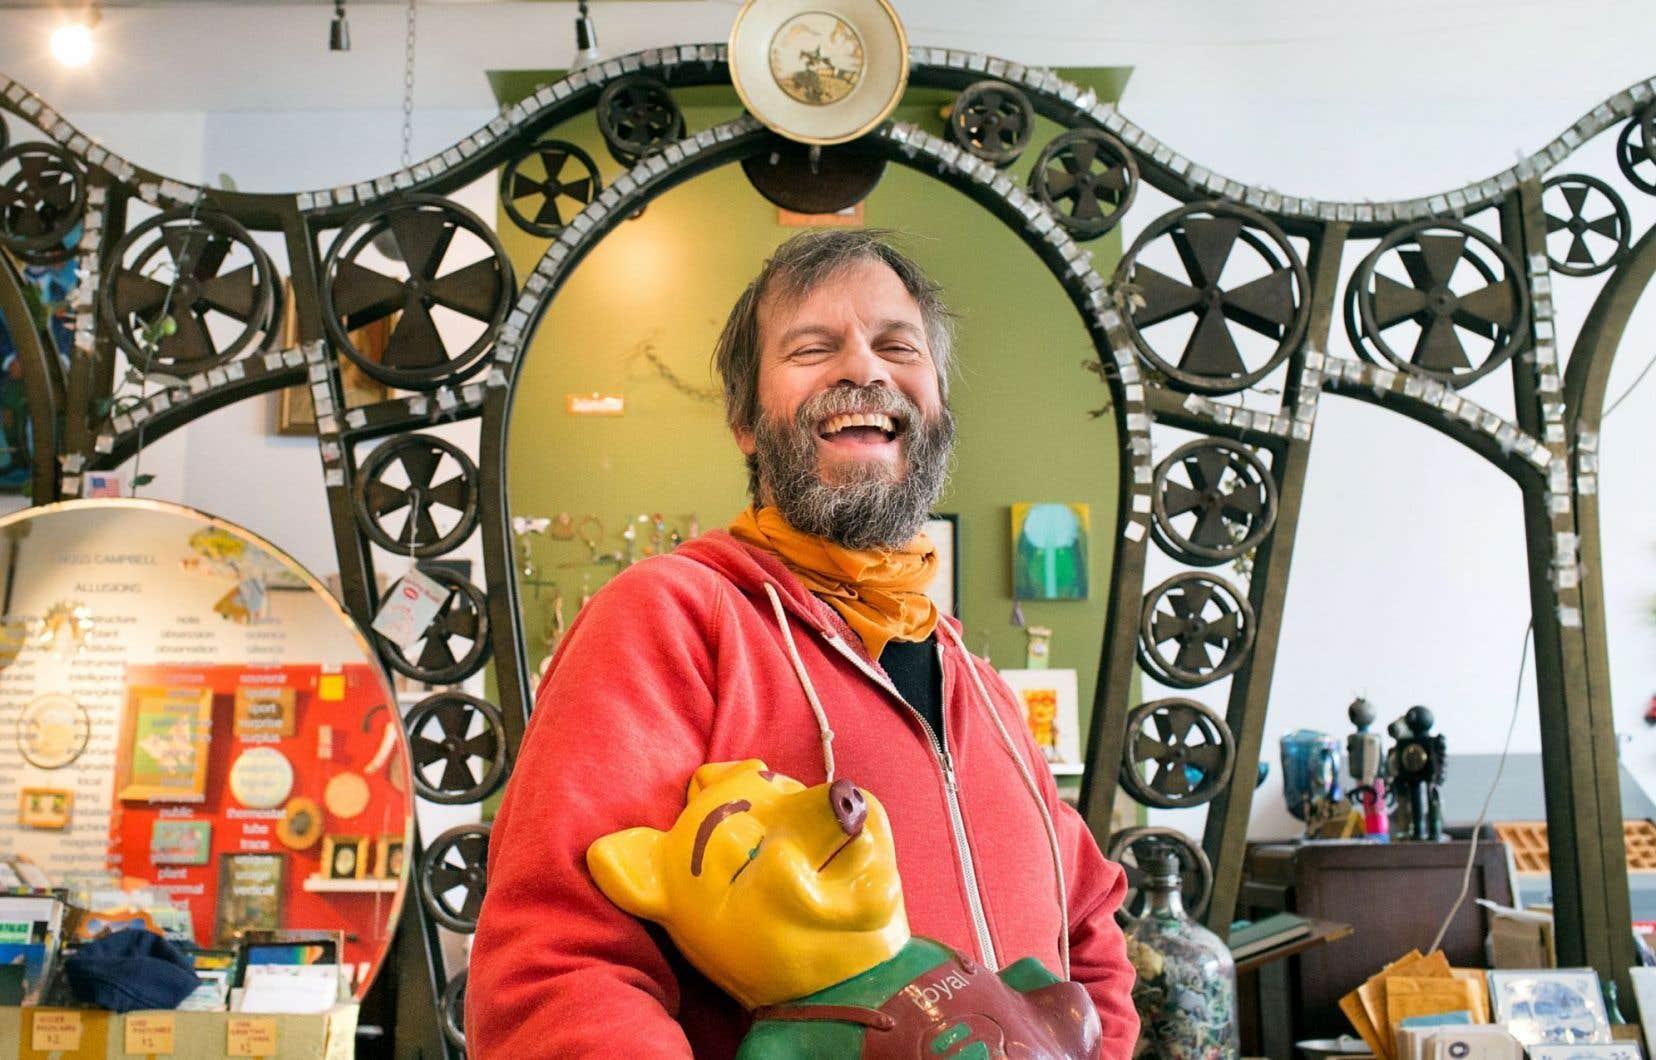 Dans son bordel organisé, l'artiste Billy Mavreas trône comme un pape, comme un commissaire du temps présent.